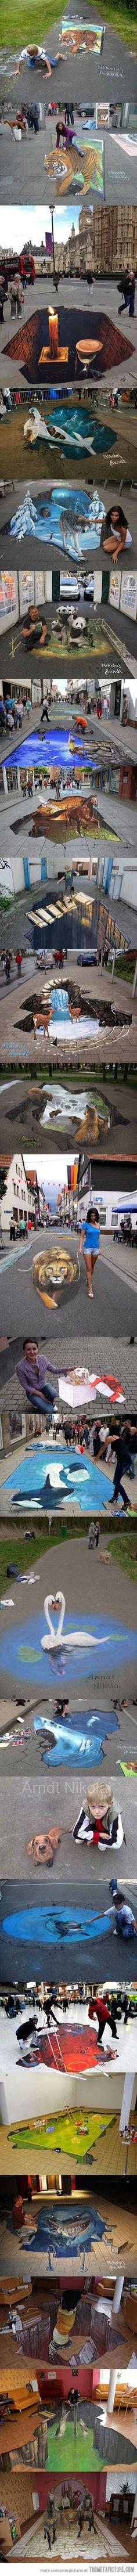 Street art… Nicolaj Arndt est à mes yeux un artiste bourré de talent et d'imagination !